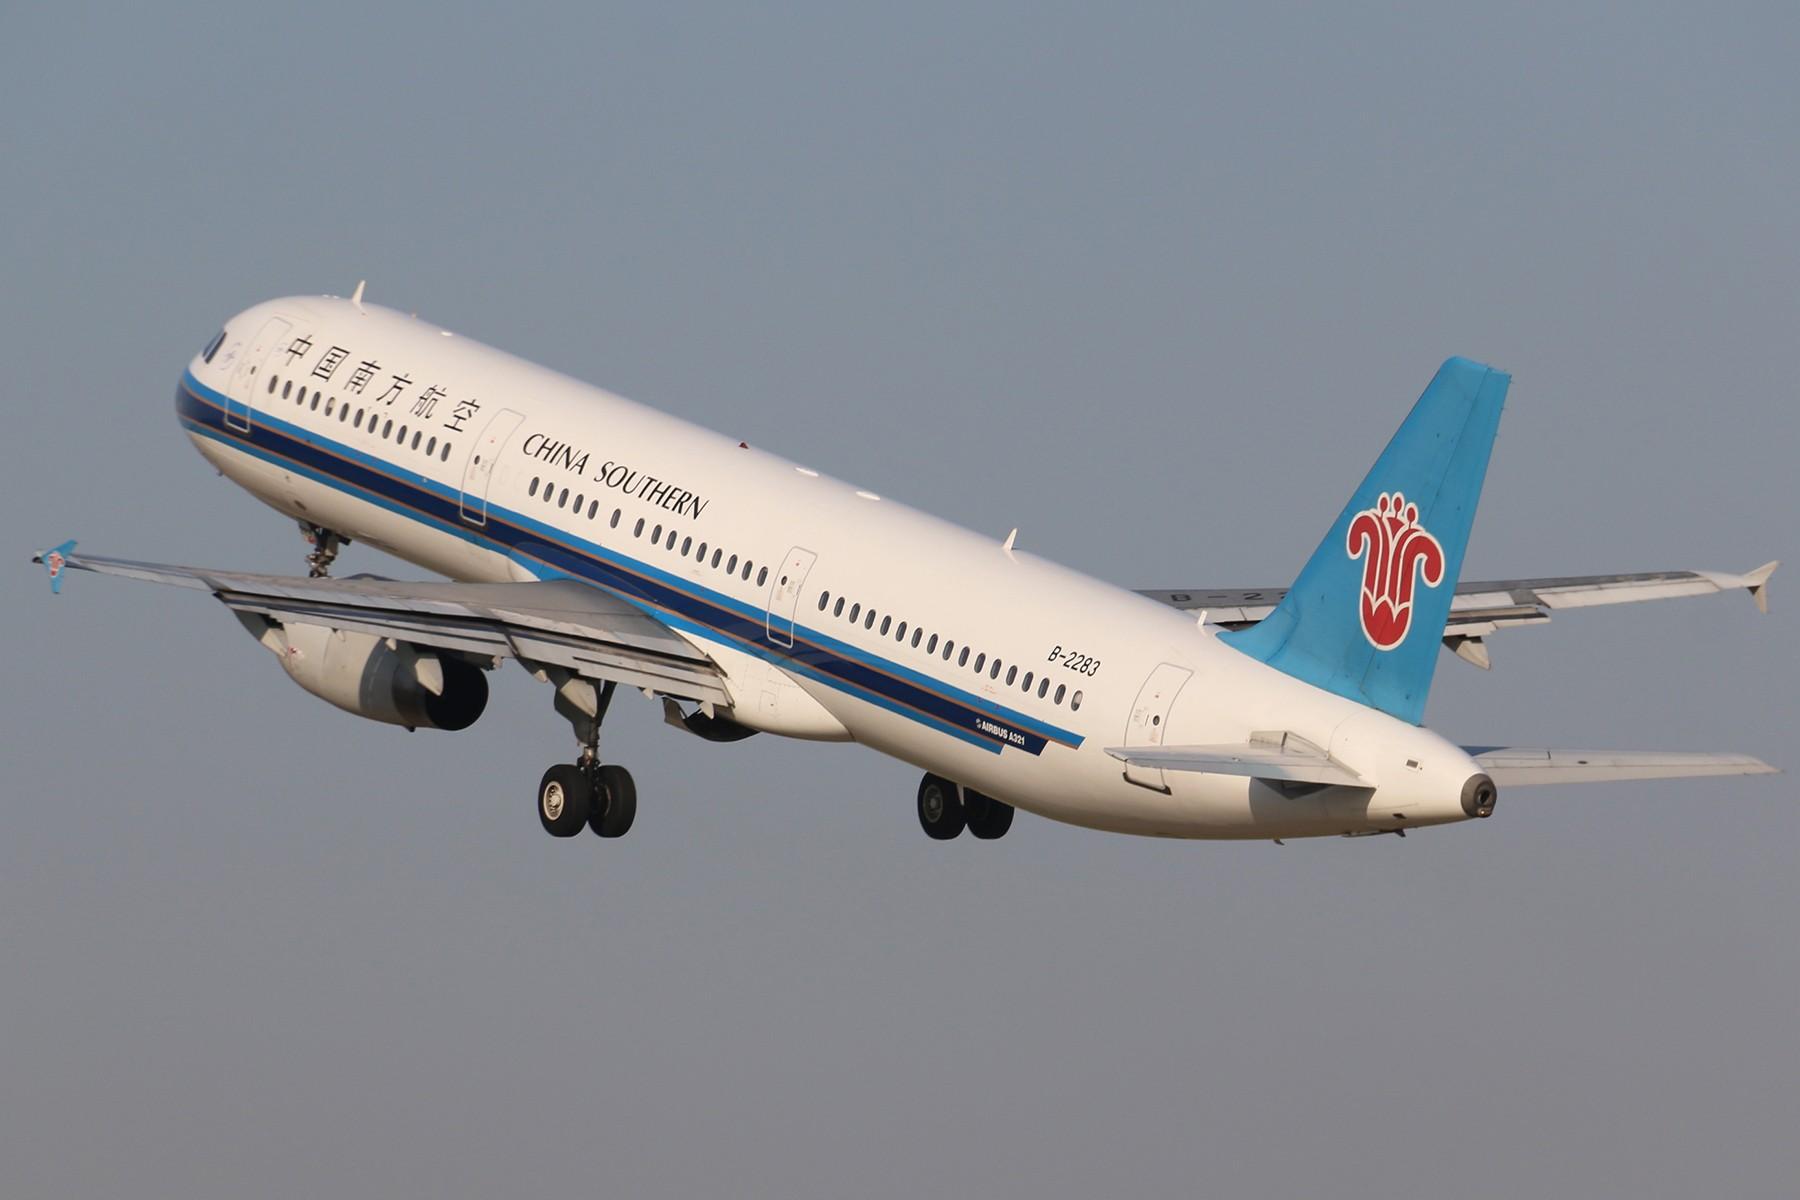 B-2283昌北好天气里的起飞【Take off】---------------- AIRBUS A321-200 B-2283 中国南昌昌北国际机场